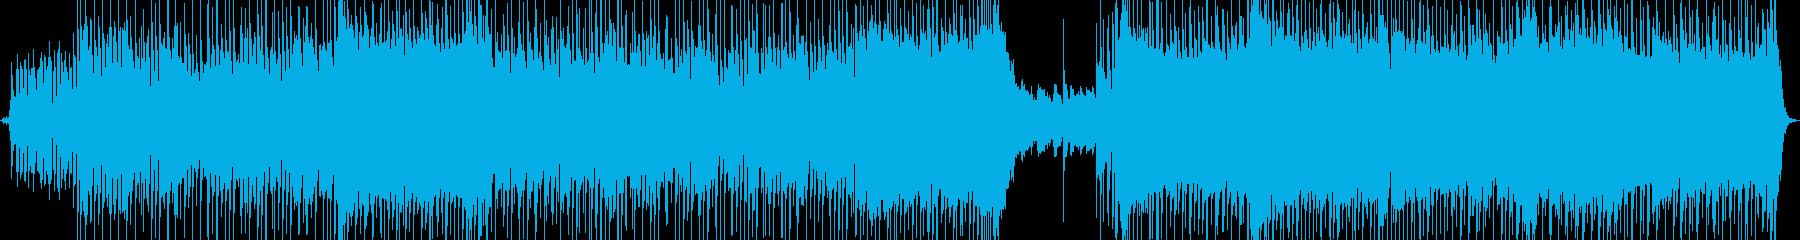 ロックバンド風カラオケ音源の再生済みの波形